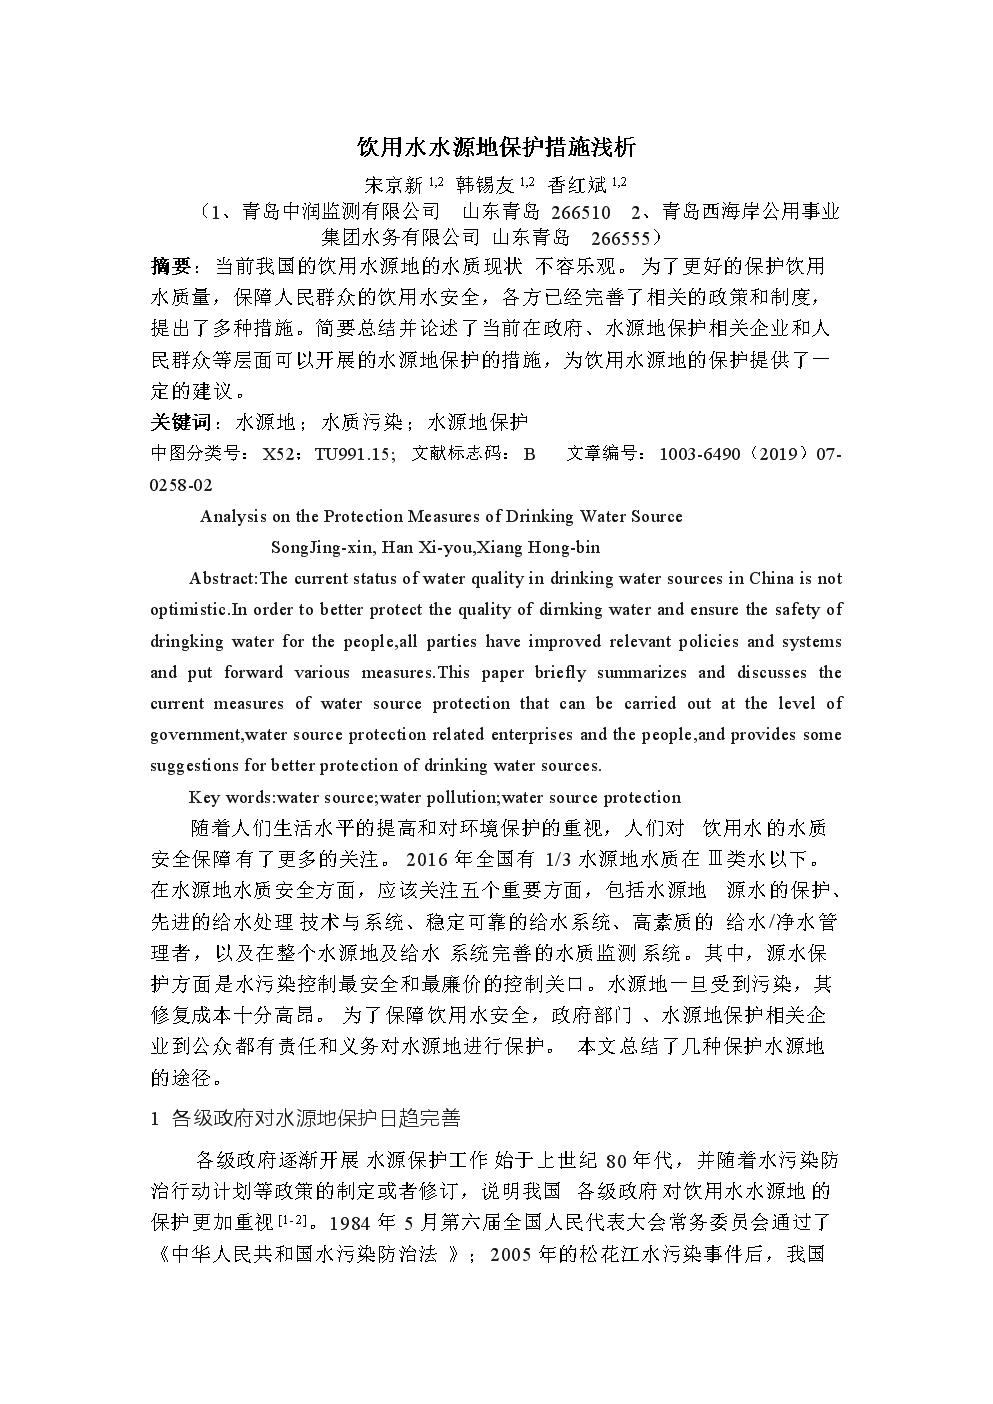 饮用水水源地保护措施浅析.doc